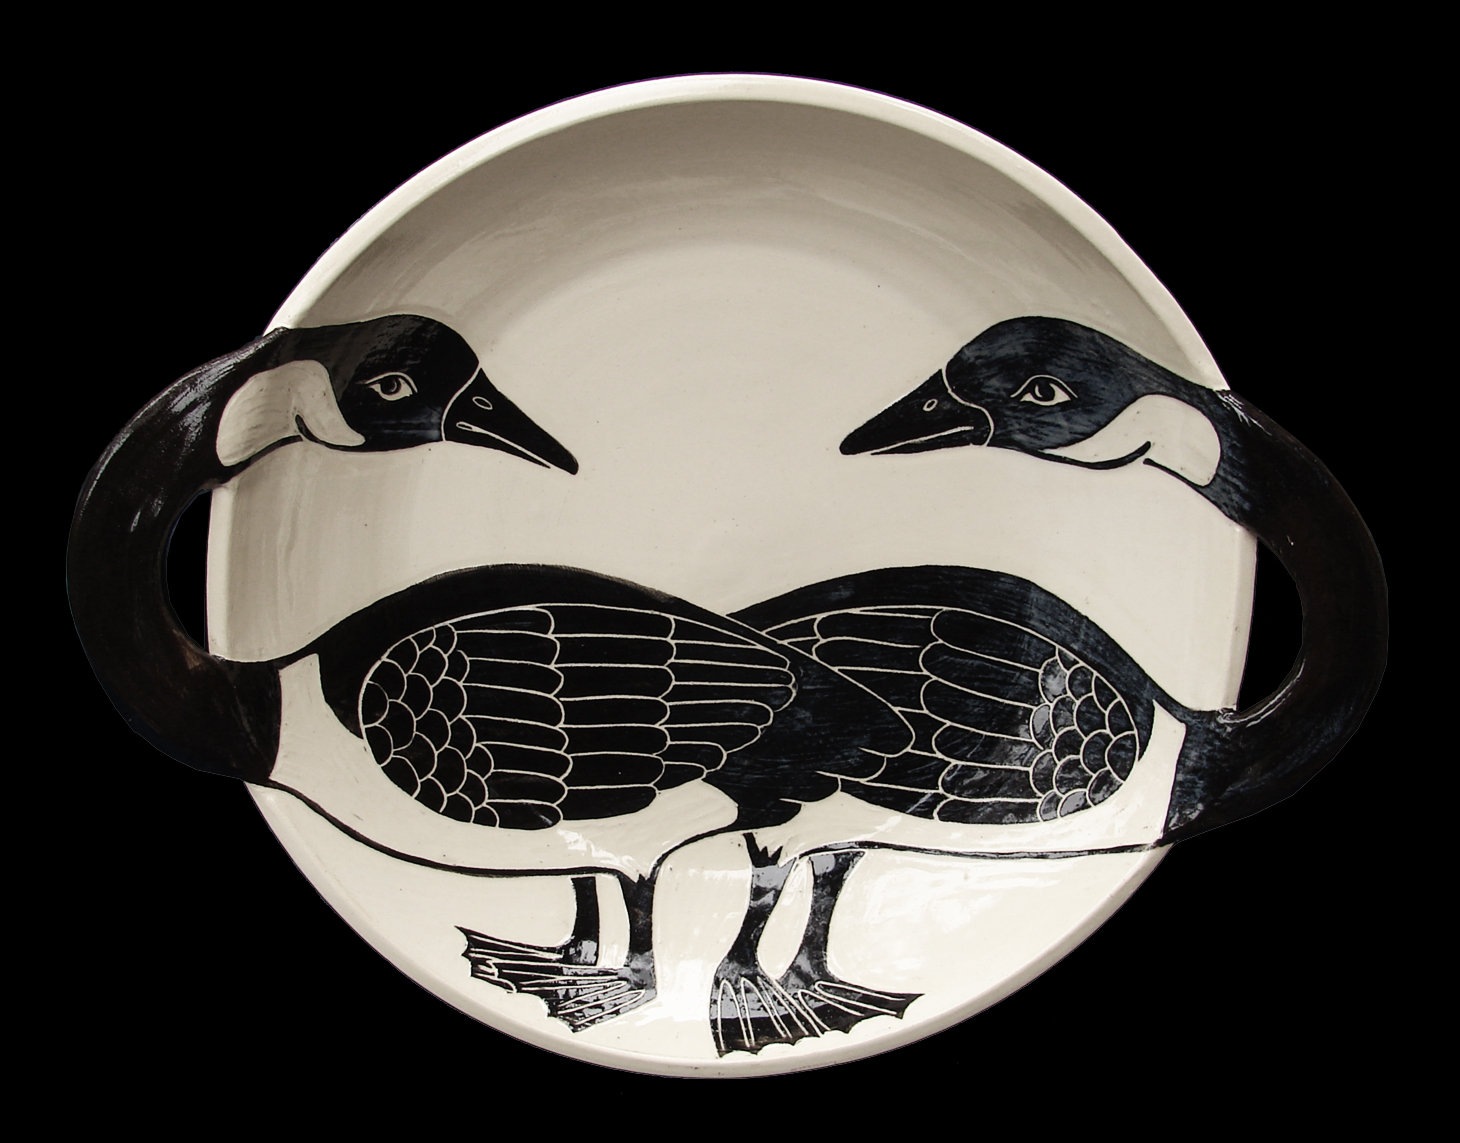 2 Geese 3D Bowl